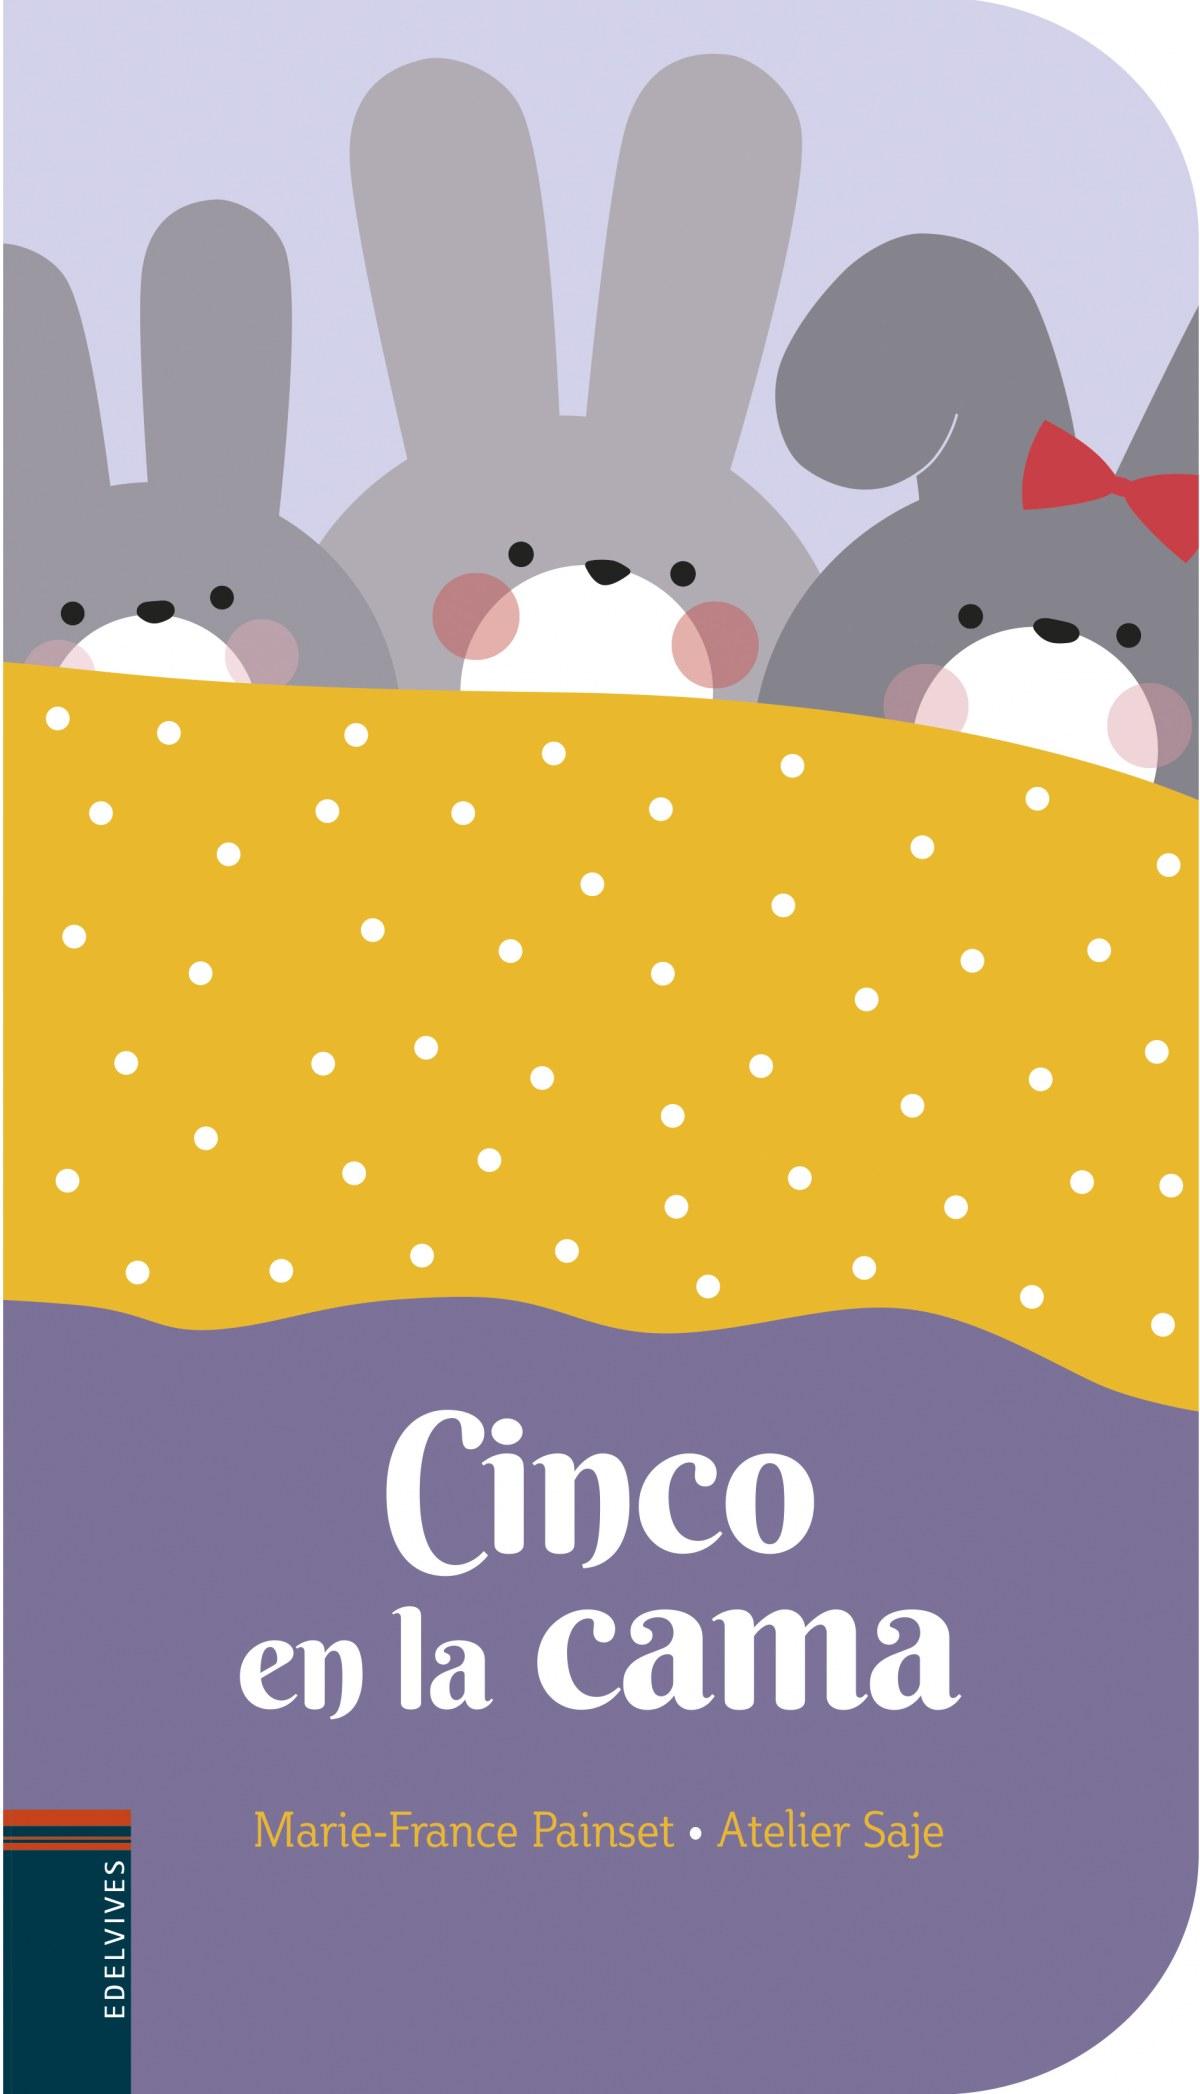 CINCO EN LA CAMA 9788414023358